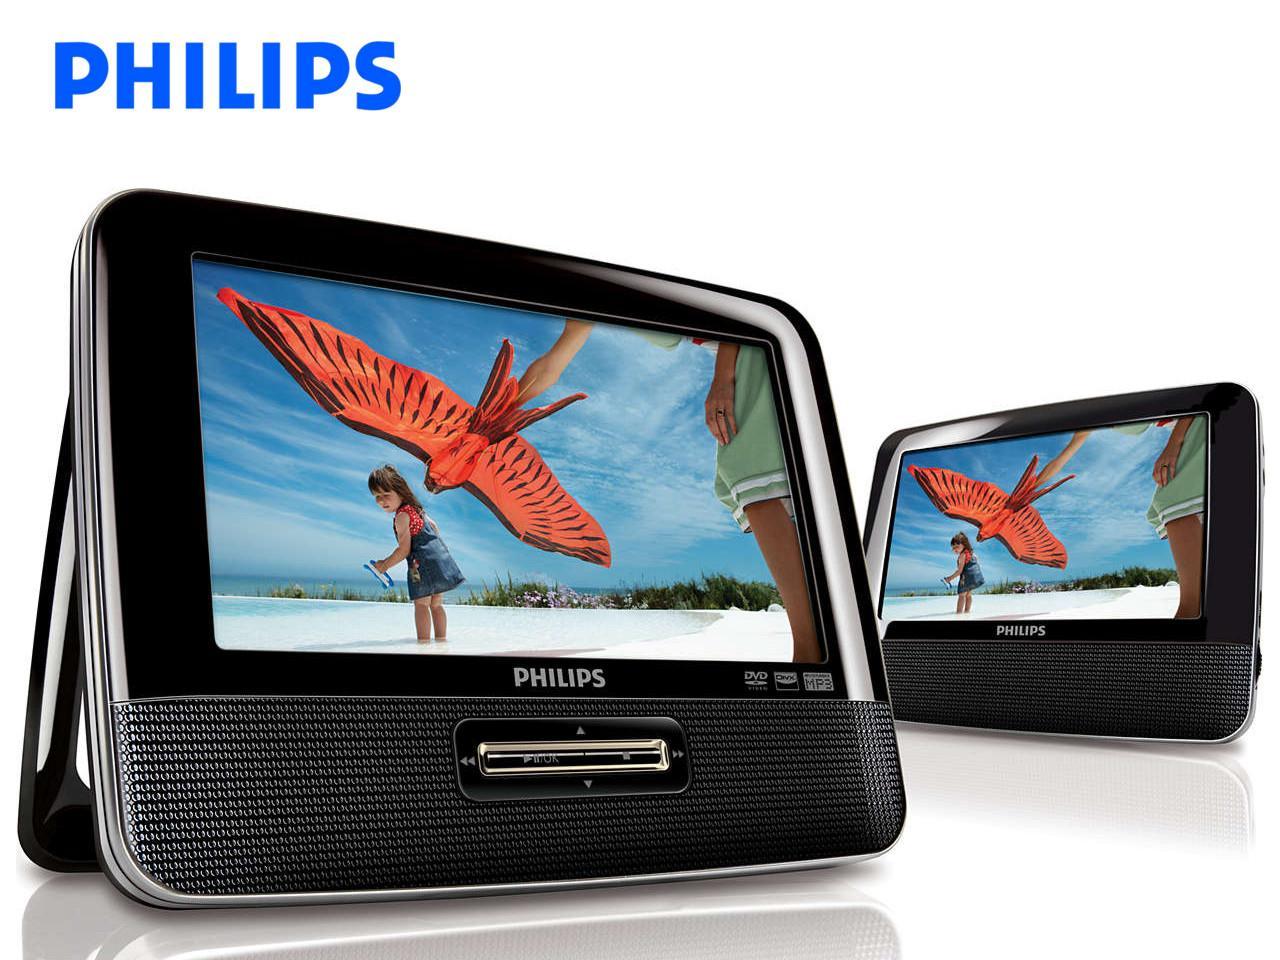 PHILIPS PD7022 + 100 Kč na dárky nebo další nákup | CHAT on-line podpora PO-PÁ 8-22.00!!